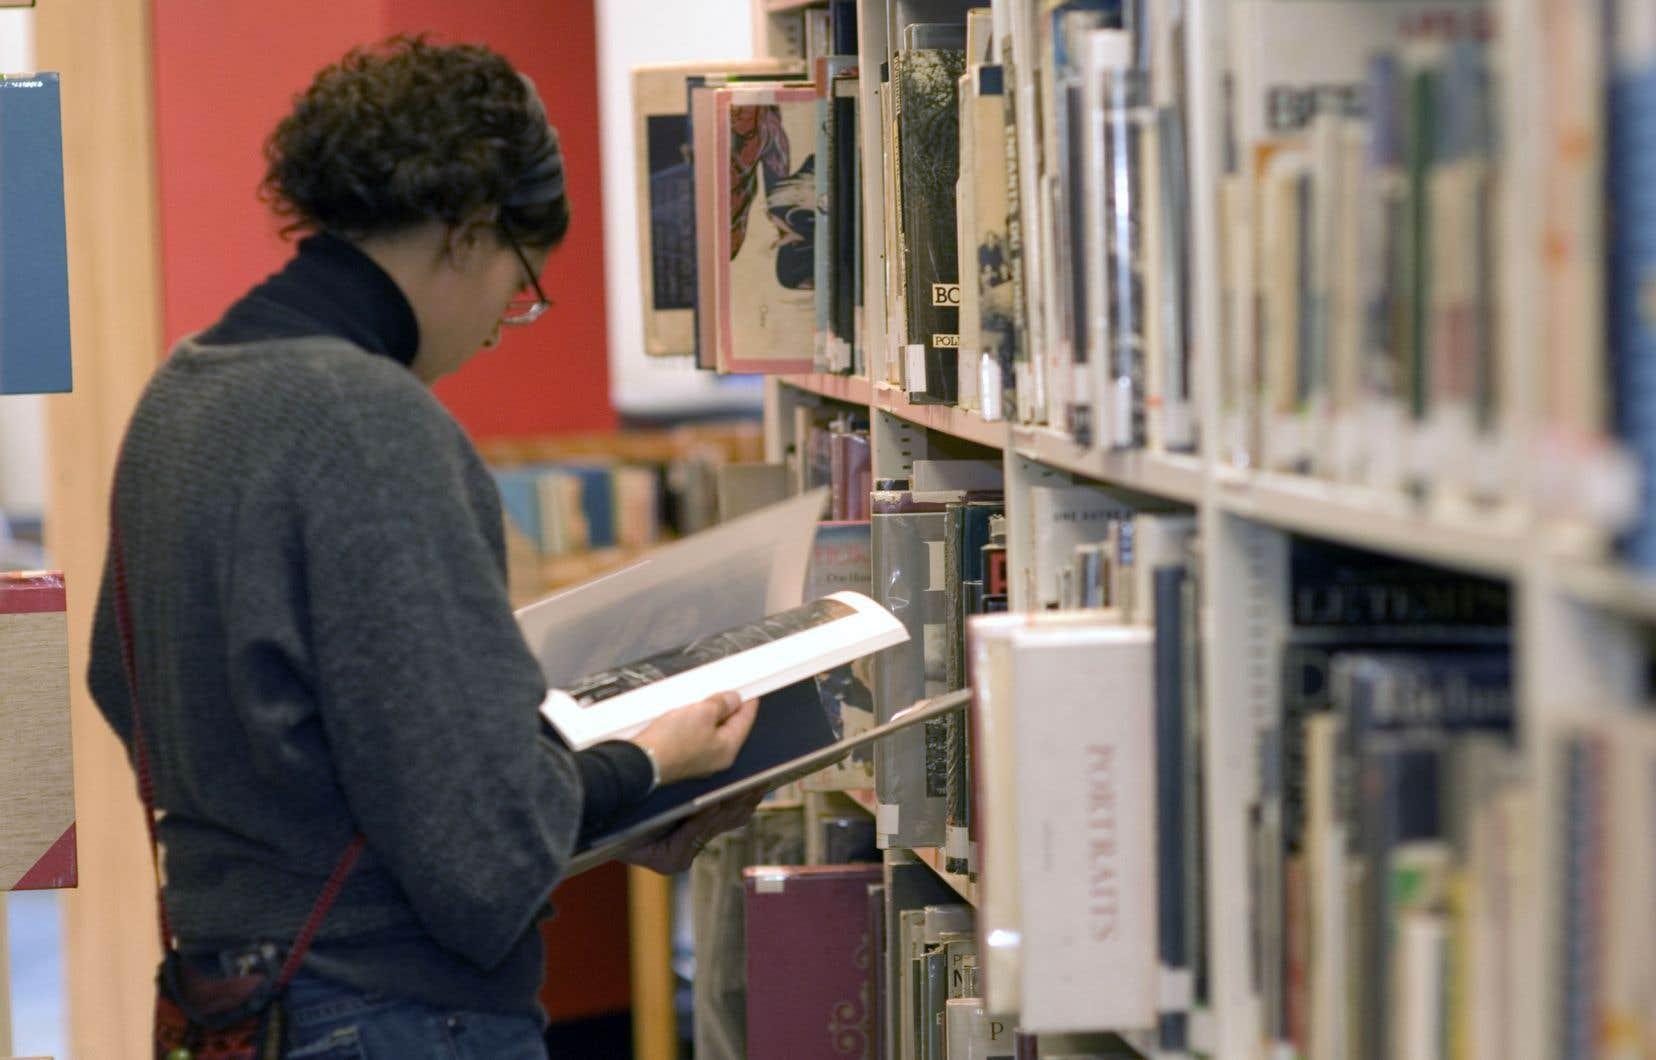 La politique culturelle a agi en incitatif aux gouvernements régionaux pour réaliser un grand nombre de projets culturels, notamment la construction de bibliothèques, rappelle le titulaire de la Chaire de gestion des arts de HEC, François Colbert.